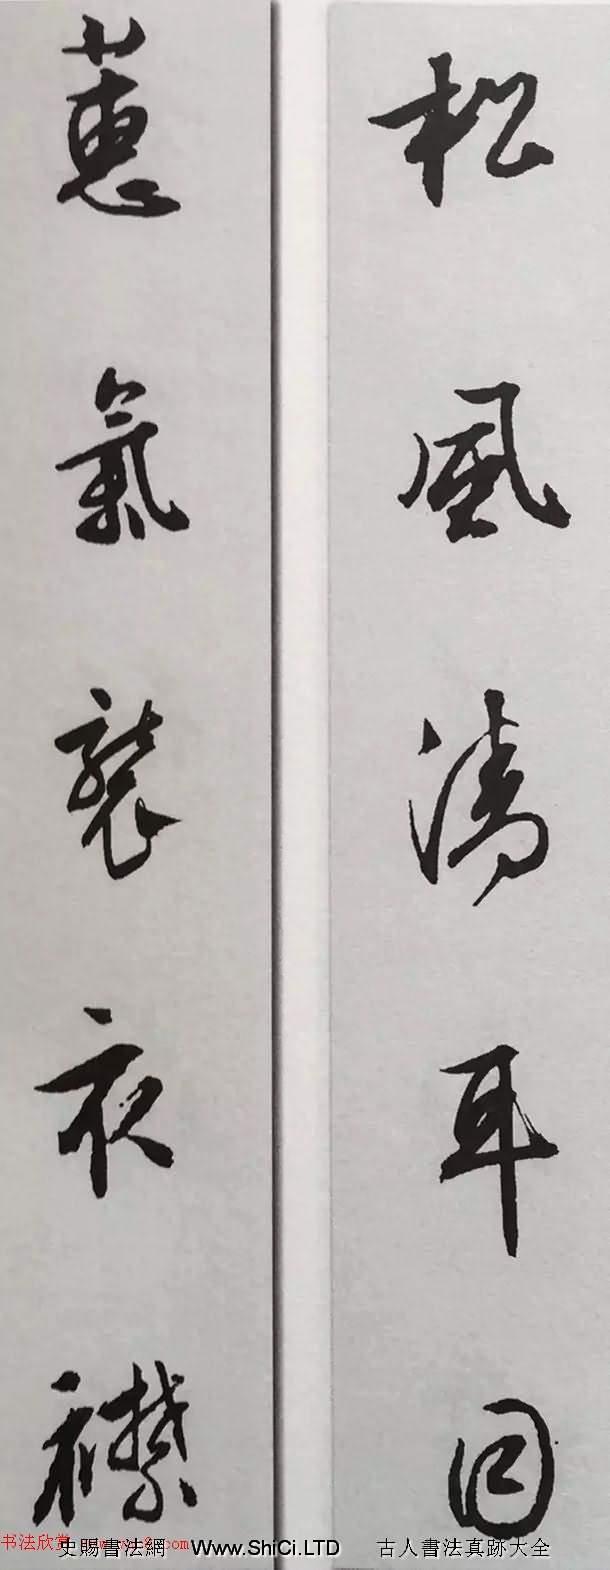 文征明行書集字對聯欣賞